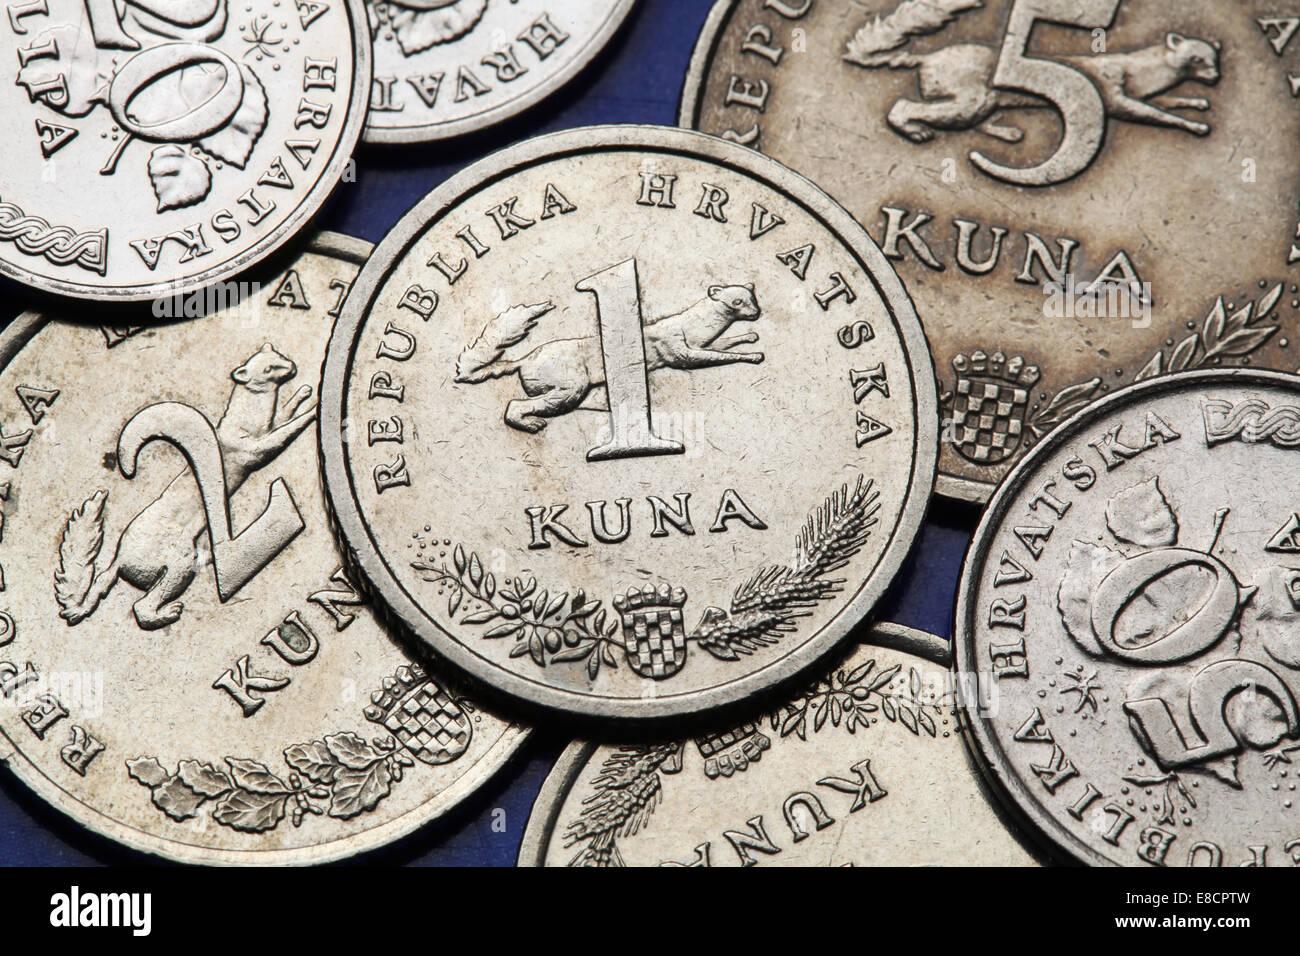 Münzen Von Kroatien Kroatischen Staatswappen Und Marder Martes